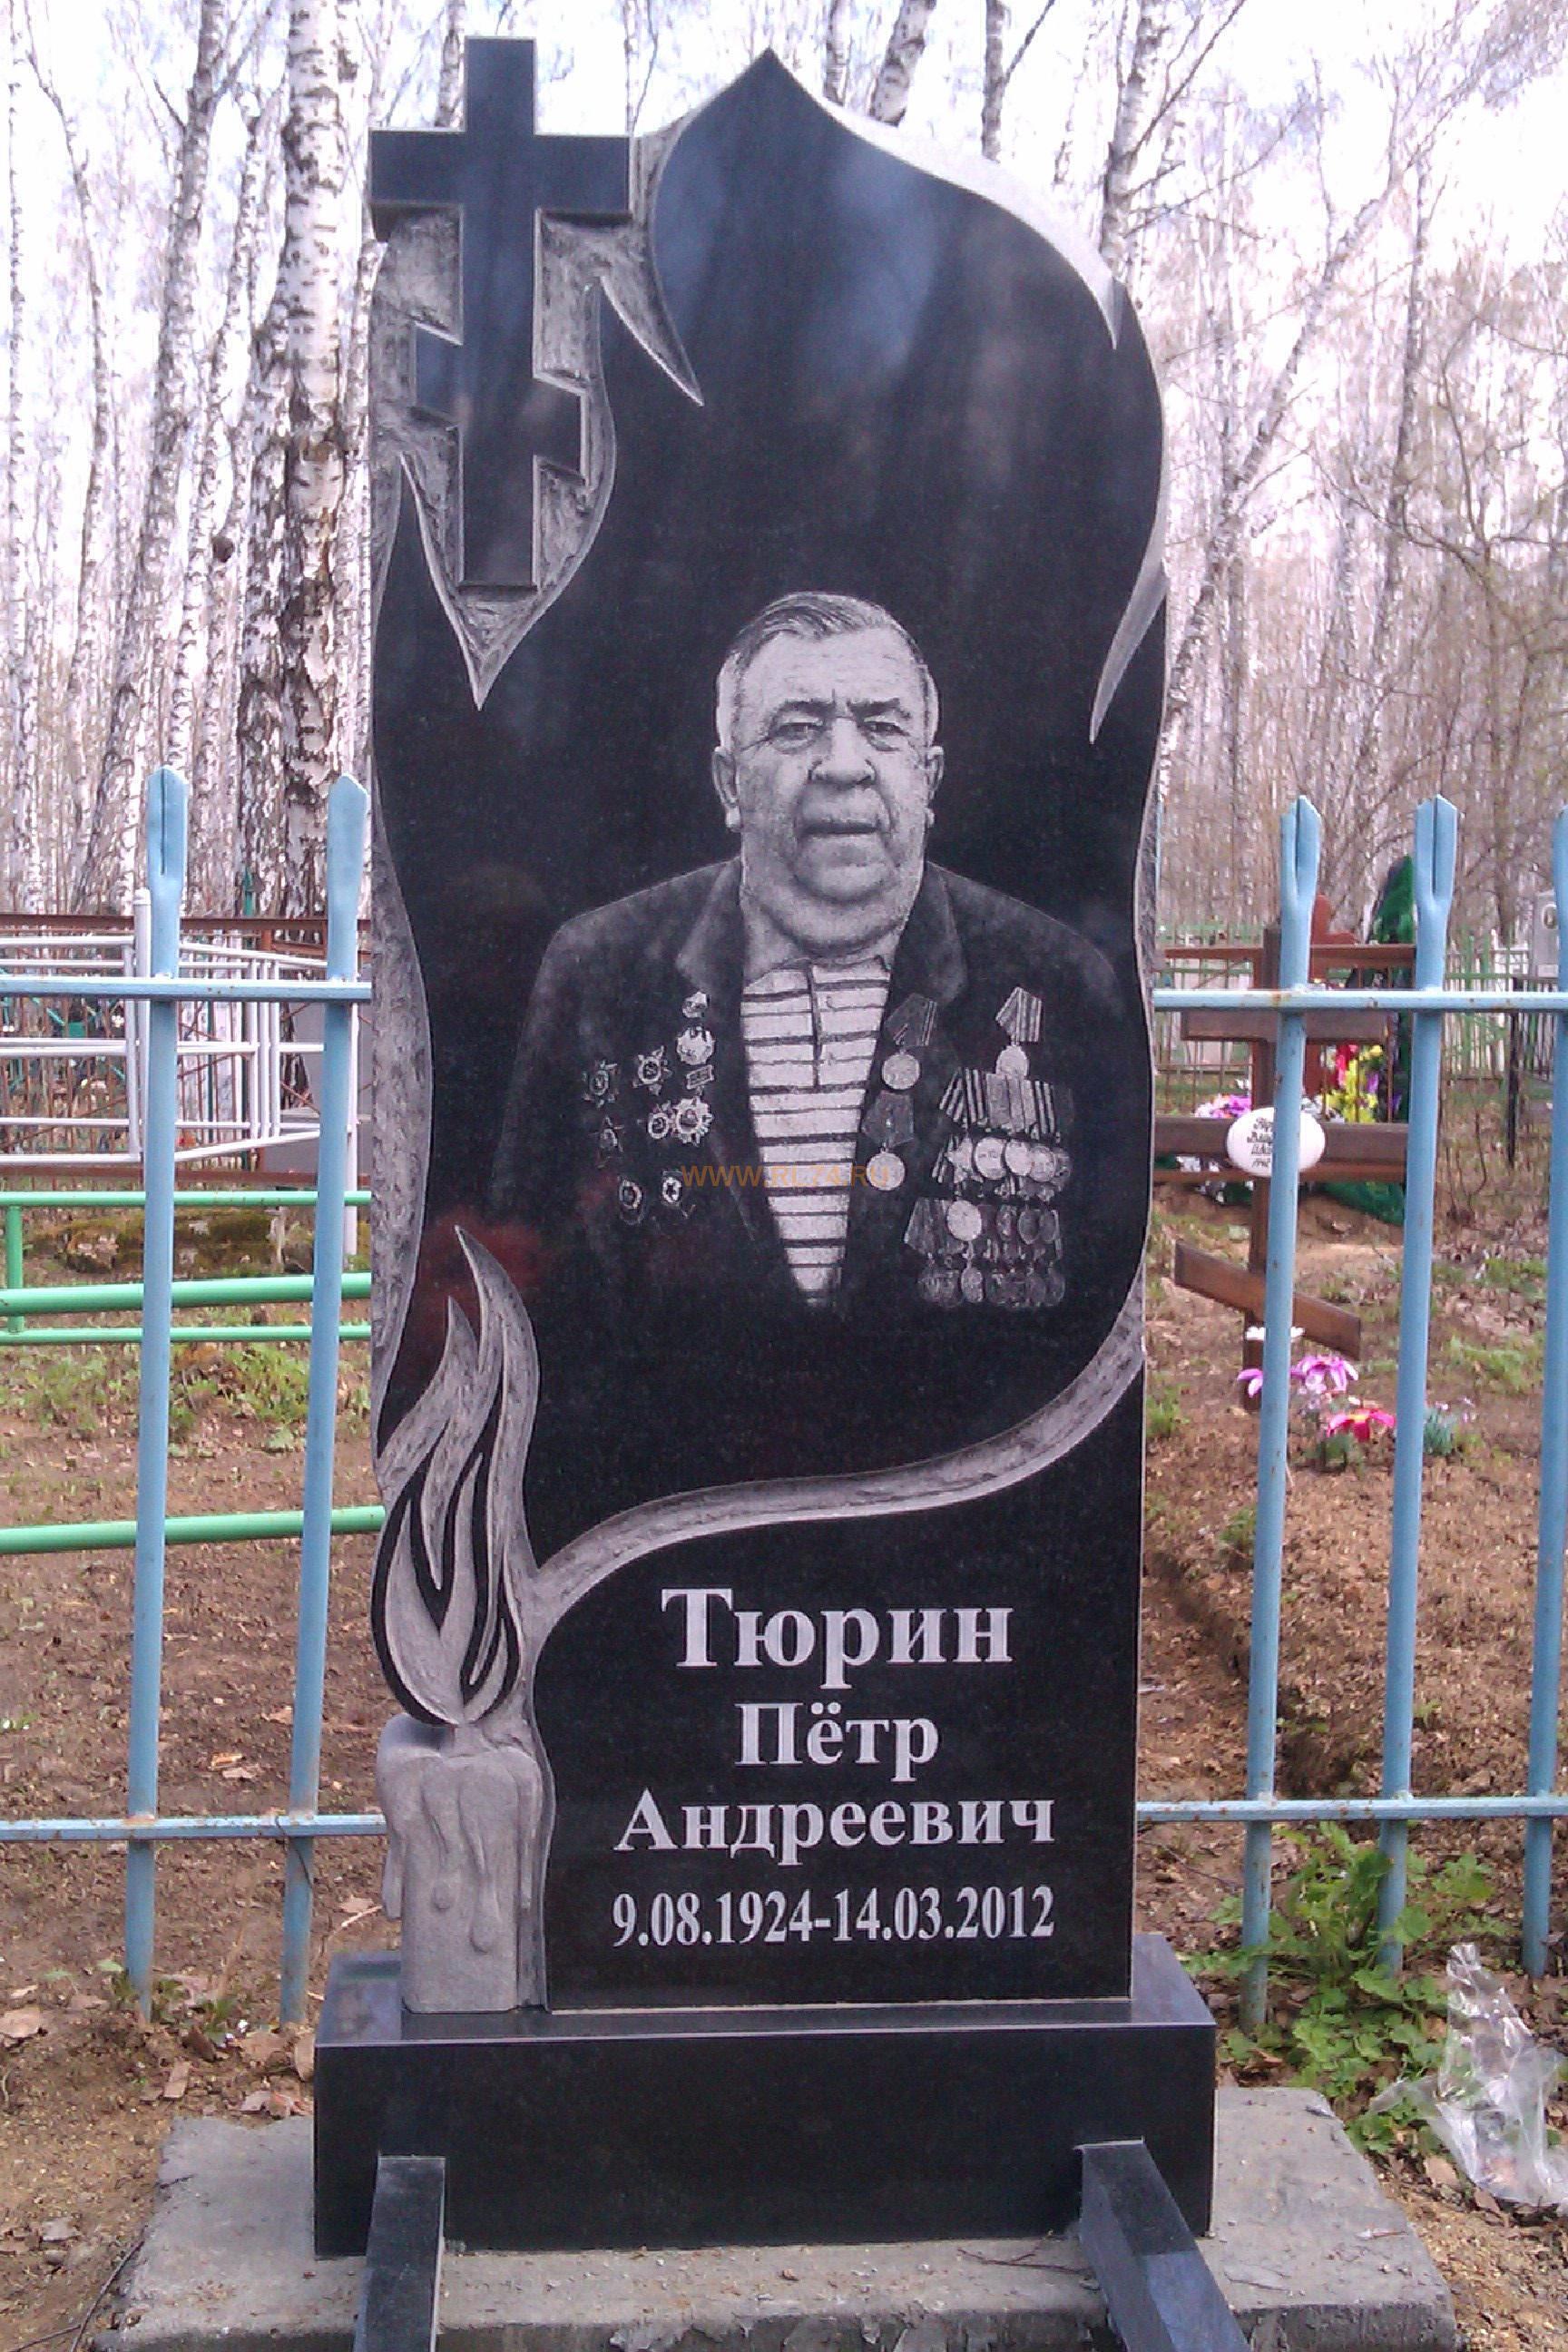 изготовление памятников в москве в эти выходные